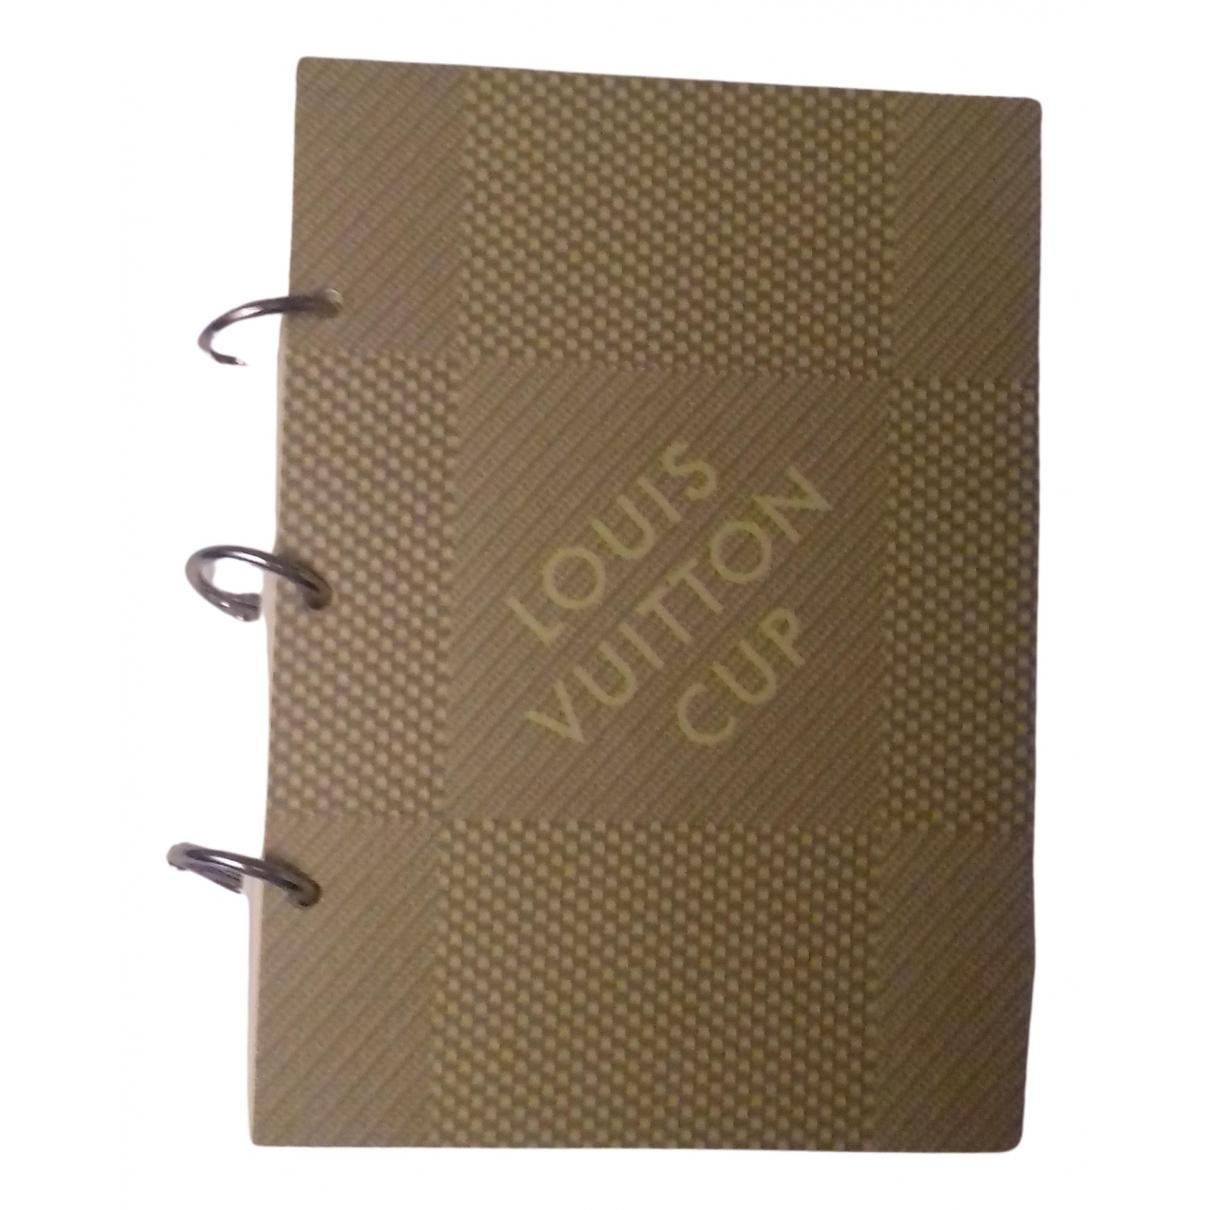 Louis Vuitton - Petite maroquinerie   pour homme